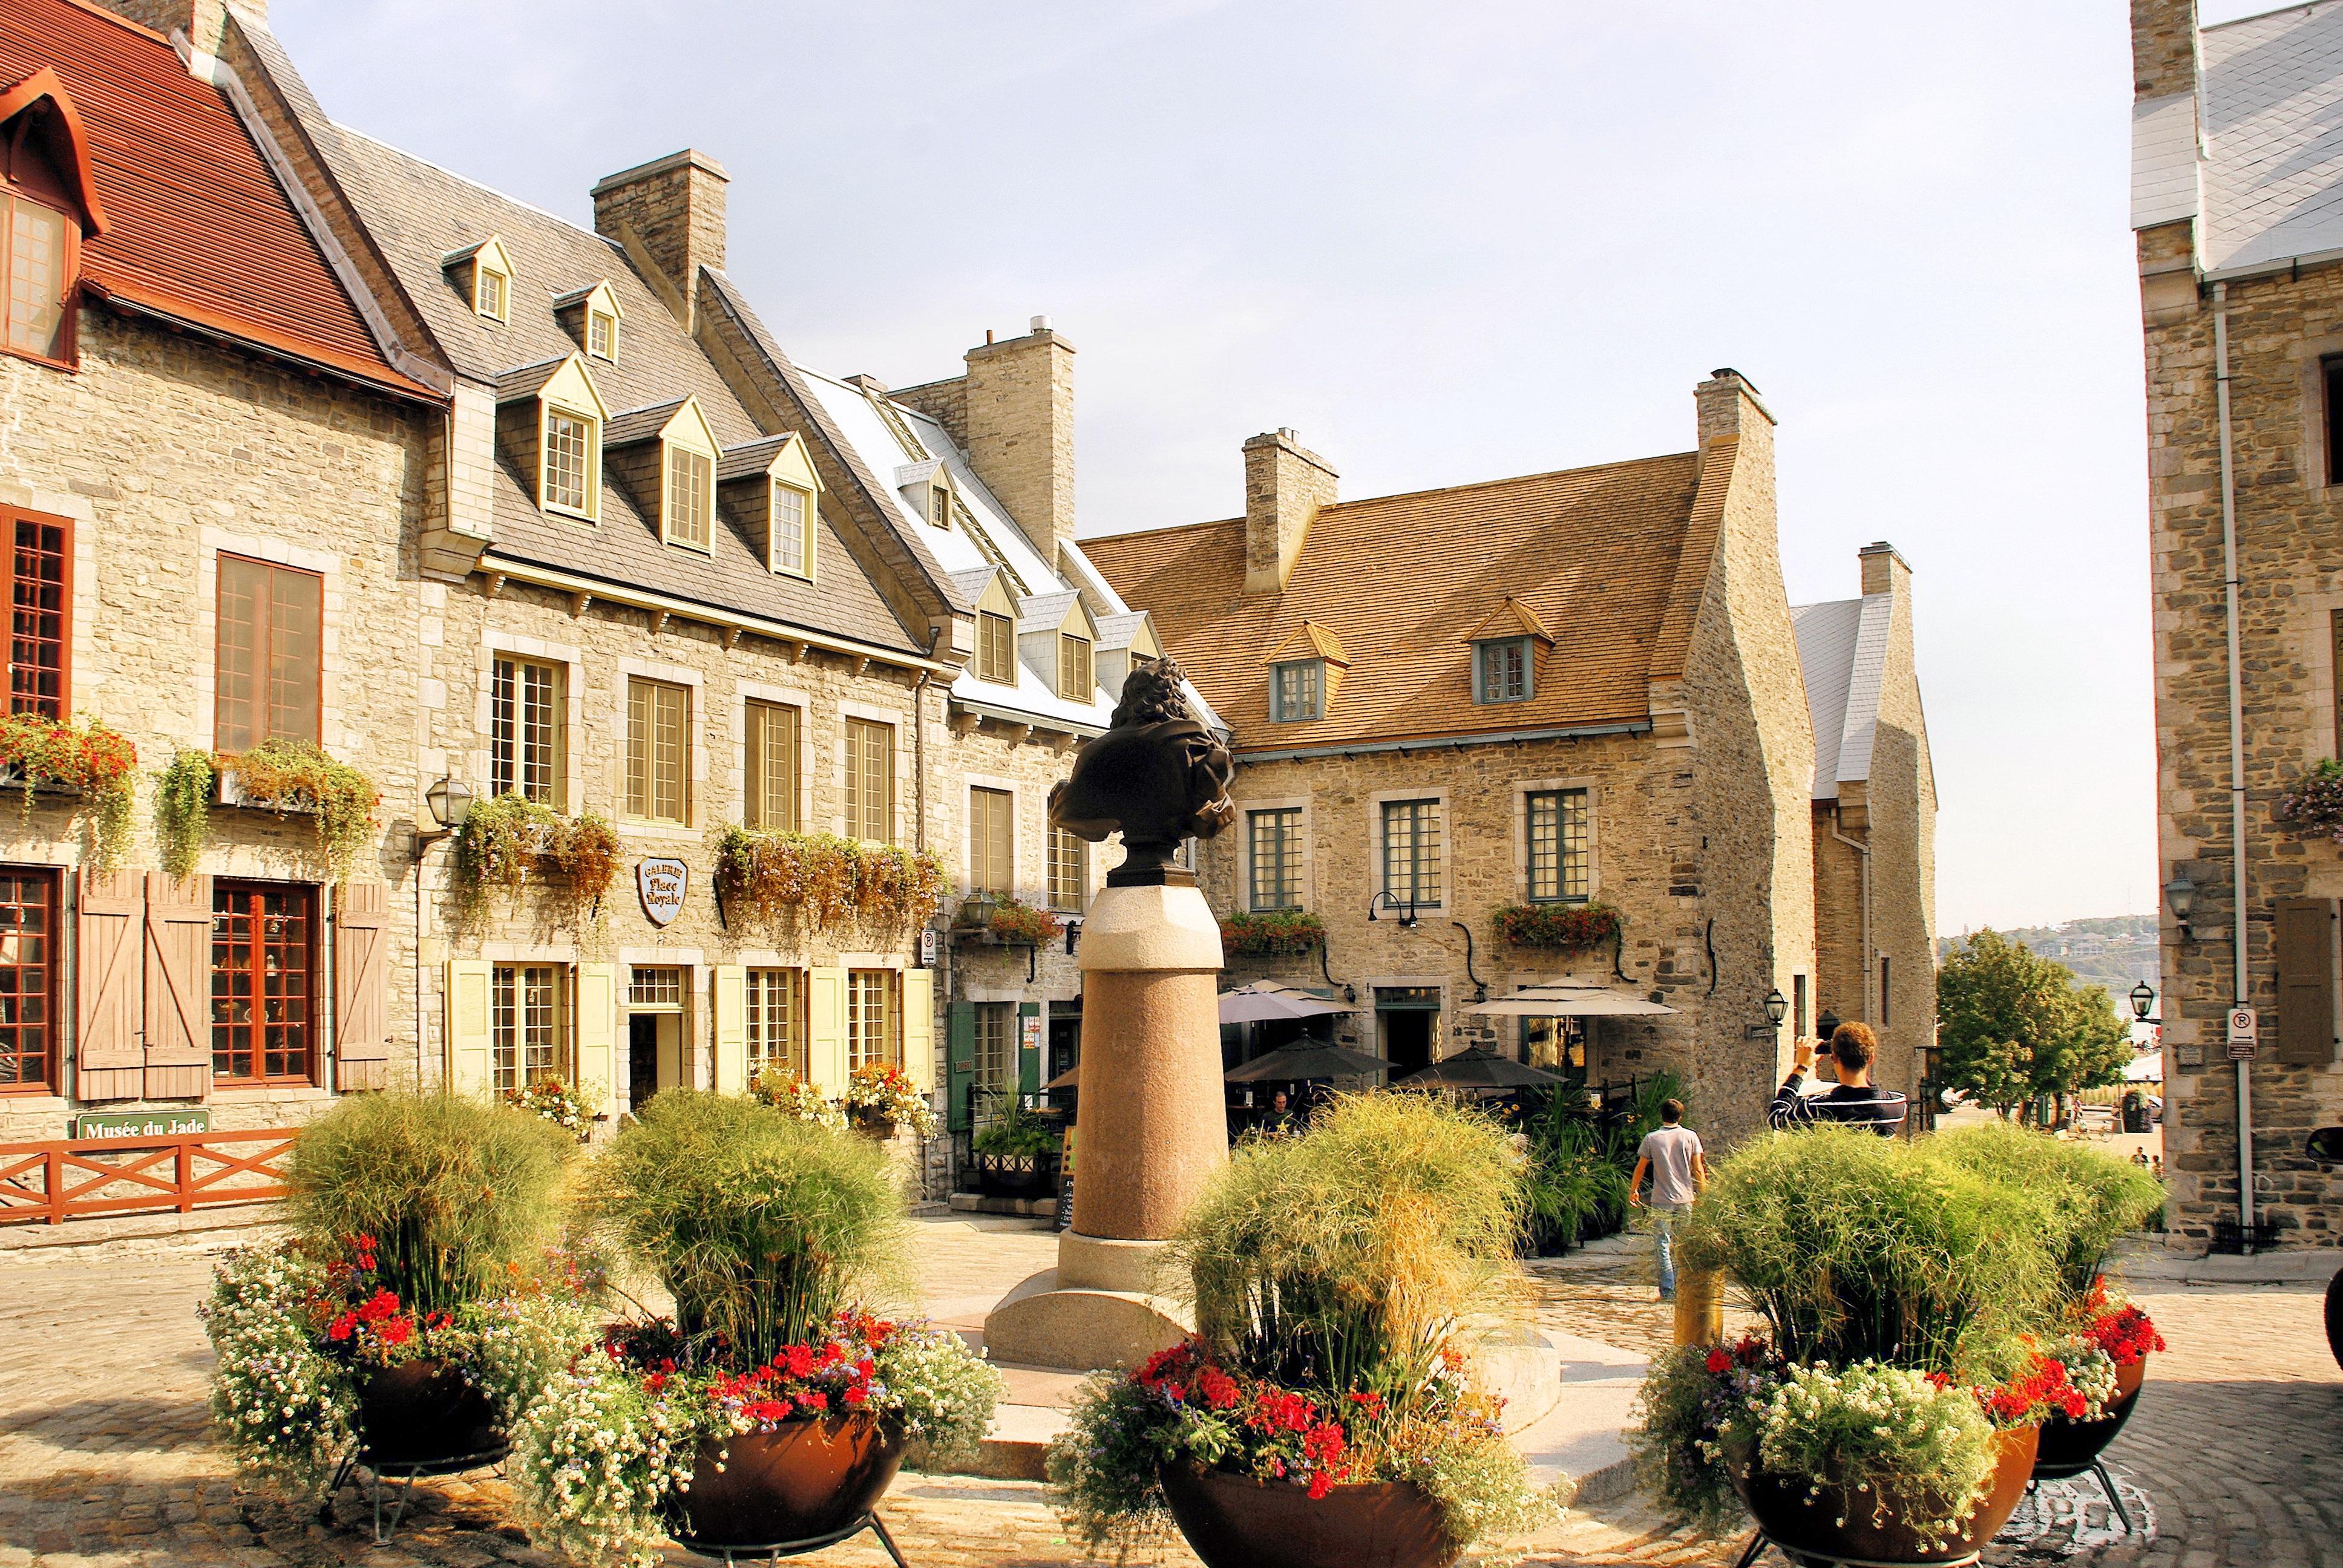 Images Gratuites : Manoir, maison, bâtiment, palais, place, façade ...